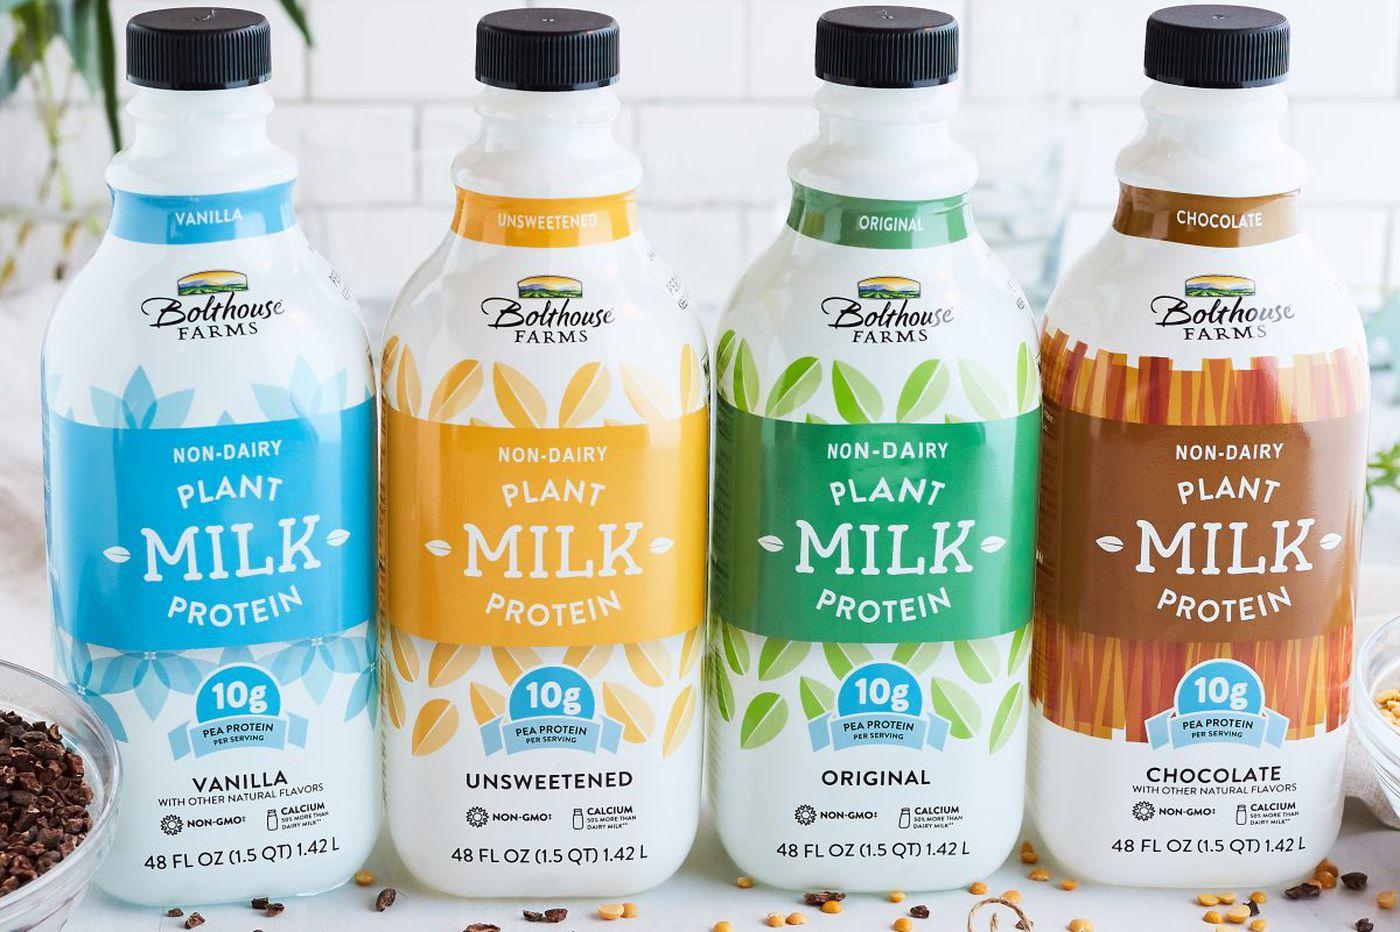 Boosting its vegan bona fides, Campbell Soup joins Plant Based Foods Association